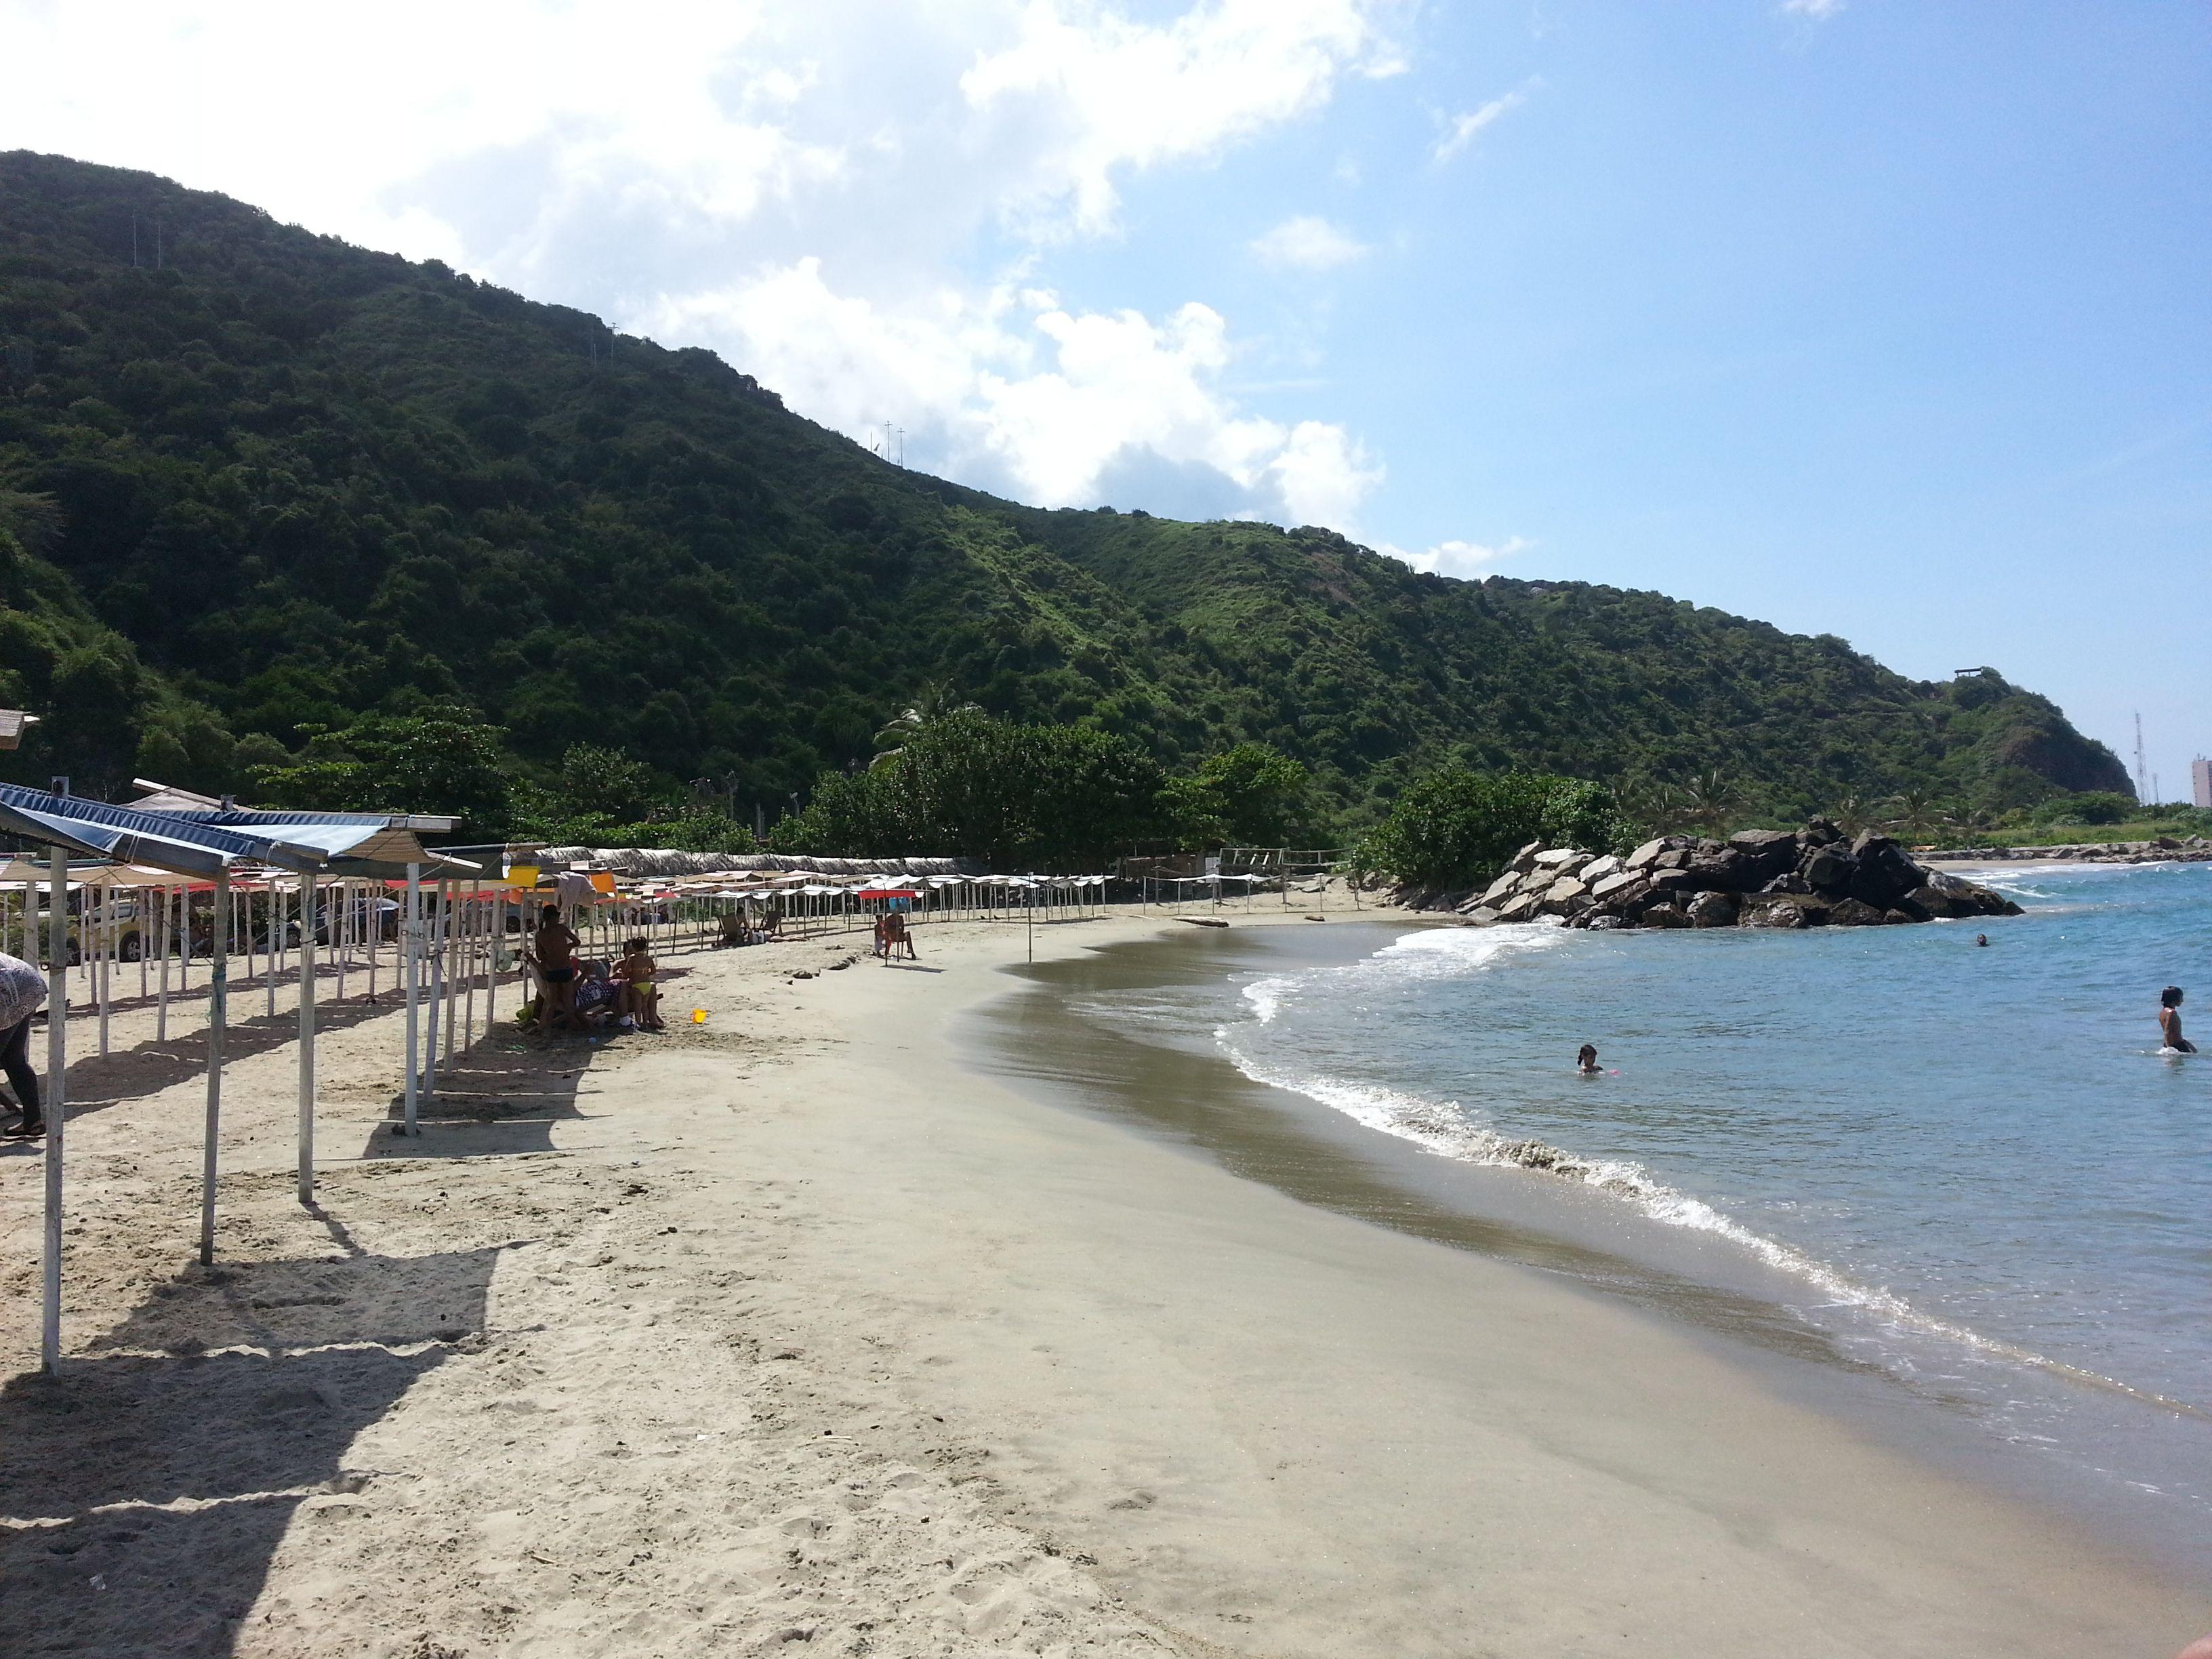 Resultado de imagen de playa los angeles vargas venezuela